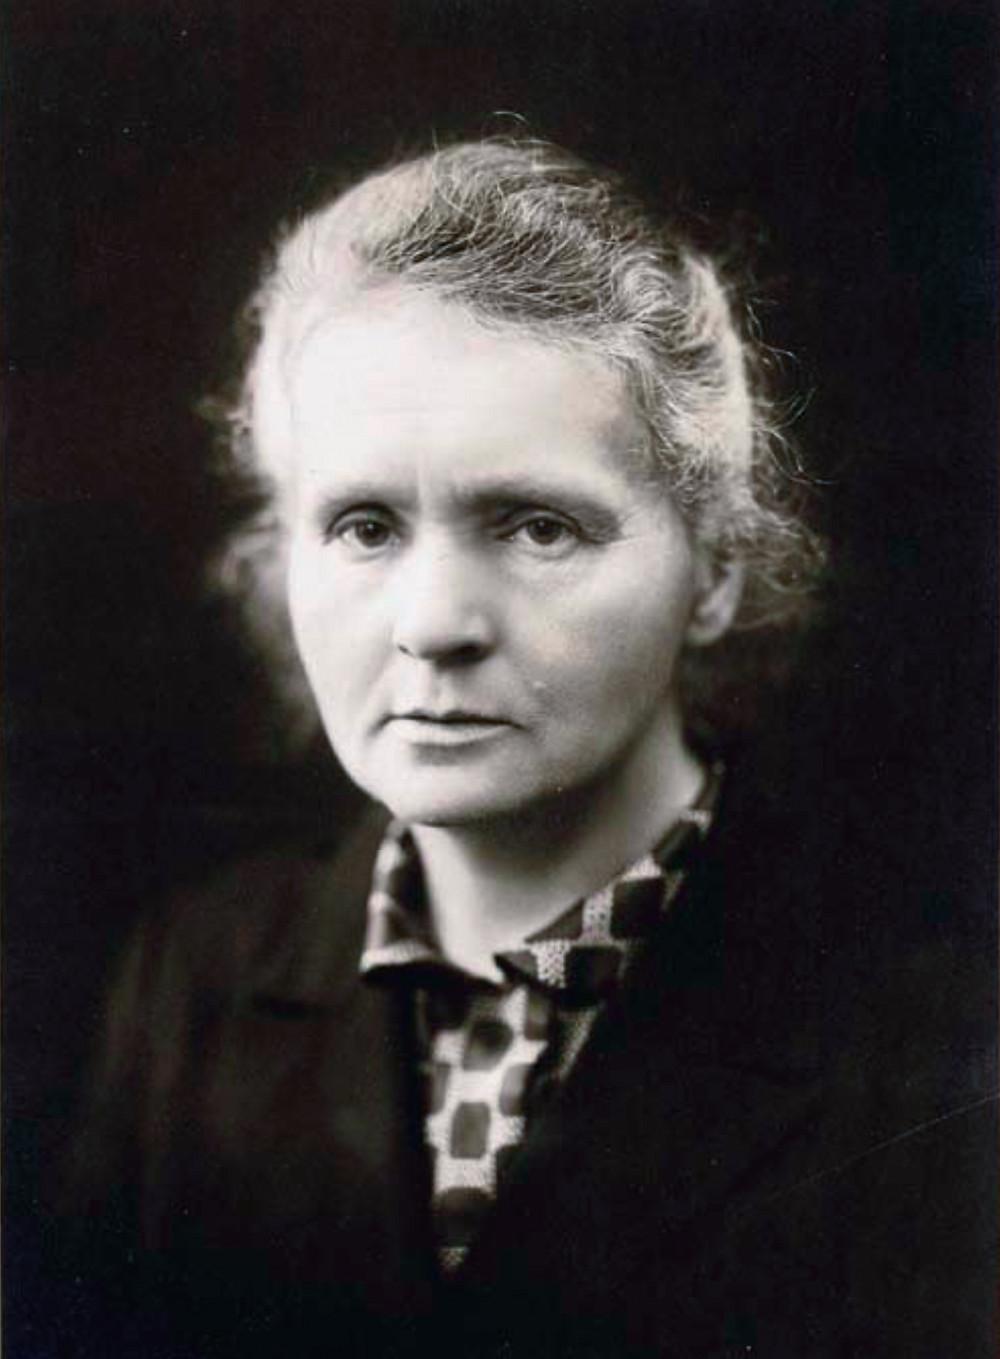 居禮夫人(Madame Curie)